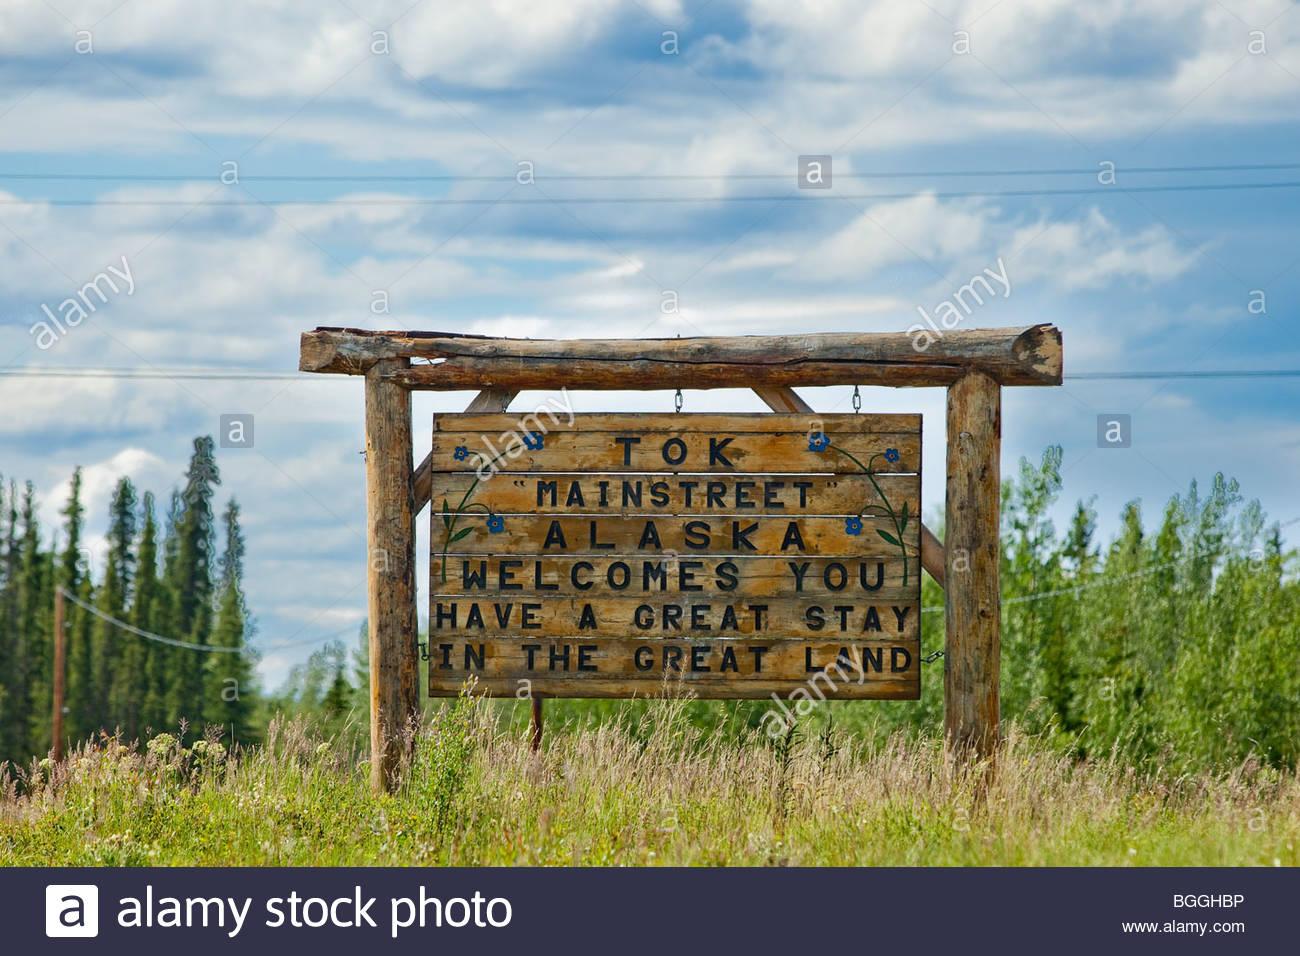 Alaska, Tok. Willkommen Sie bei Tok-Zeichen. Sommer. Stockbild